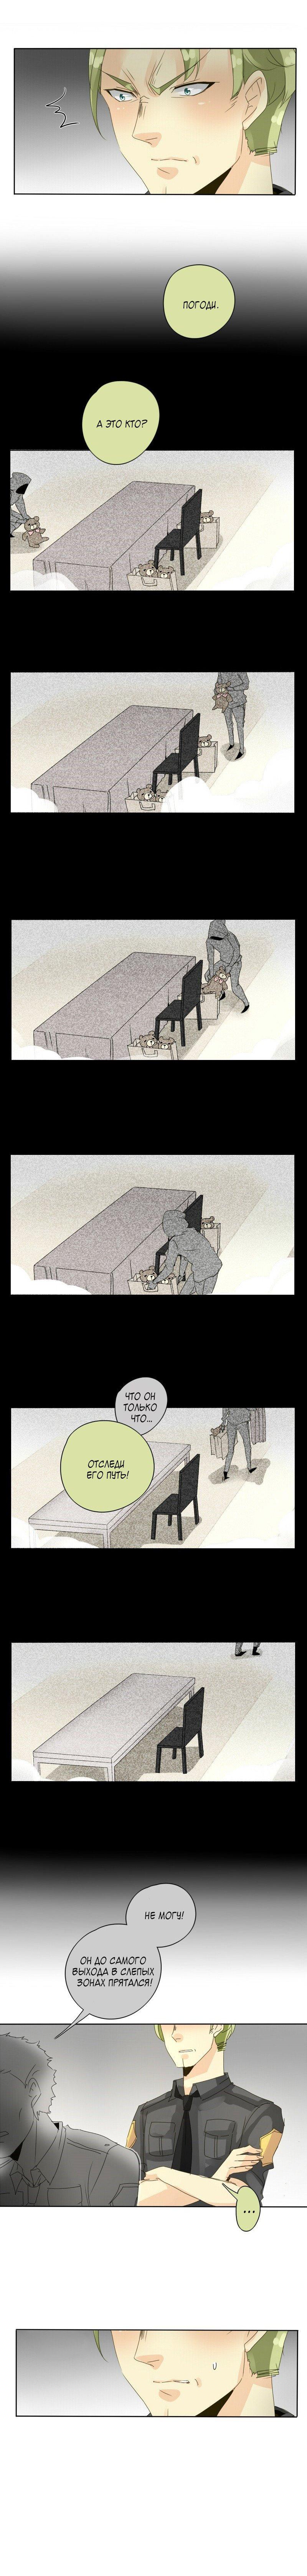 Манга неОРДИНАРНЫЕ / unORDINARY  - Том 1 Глава 52 Страница 4